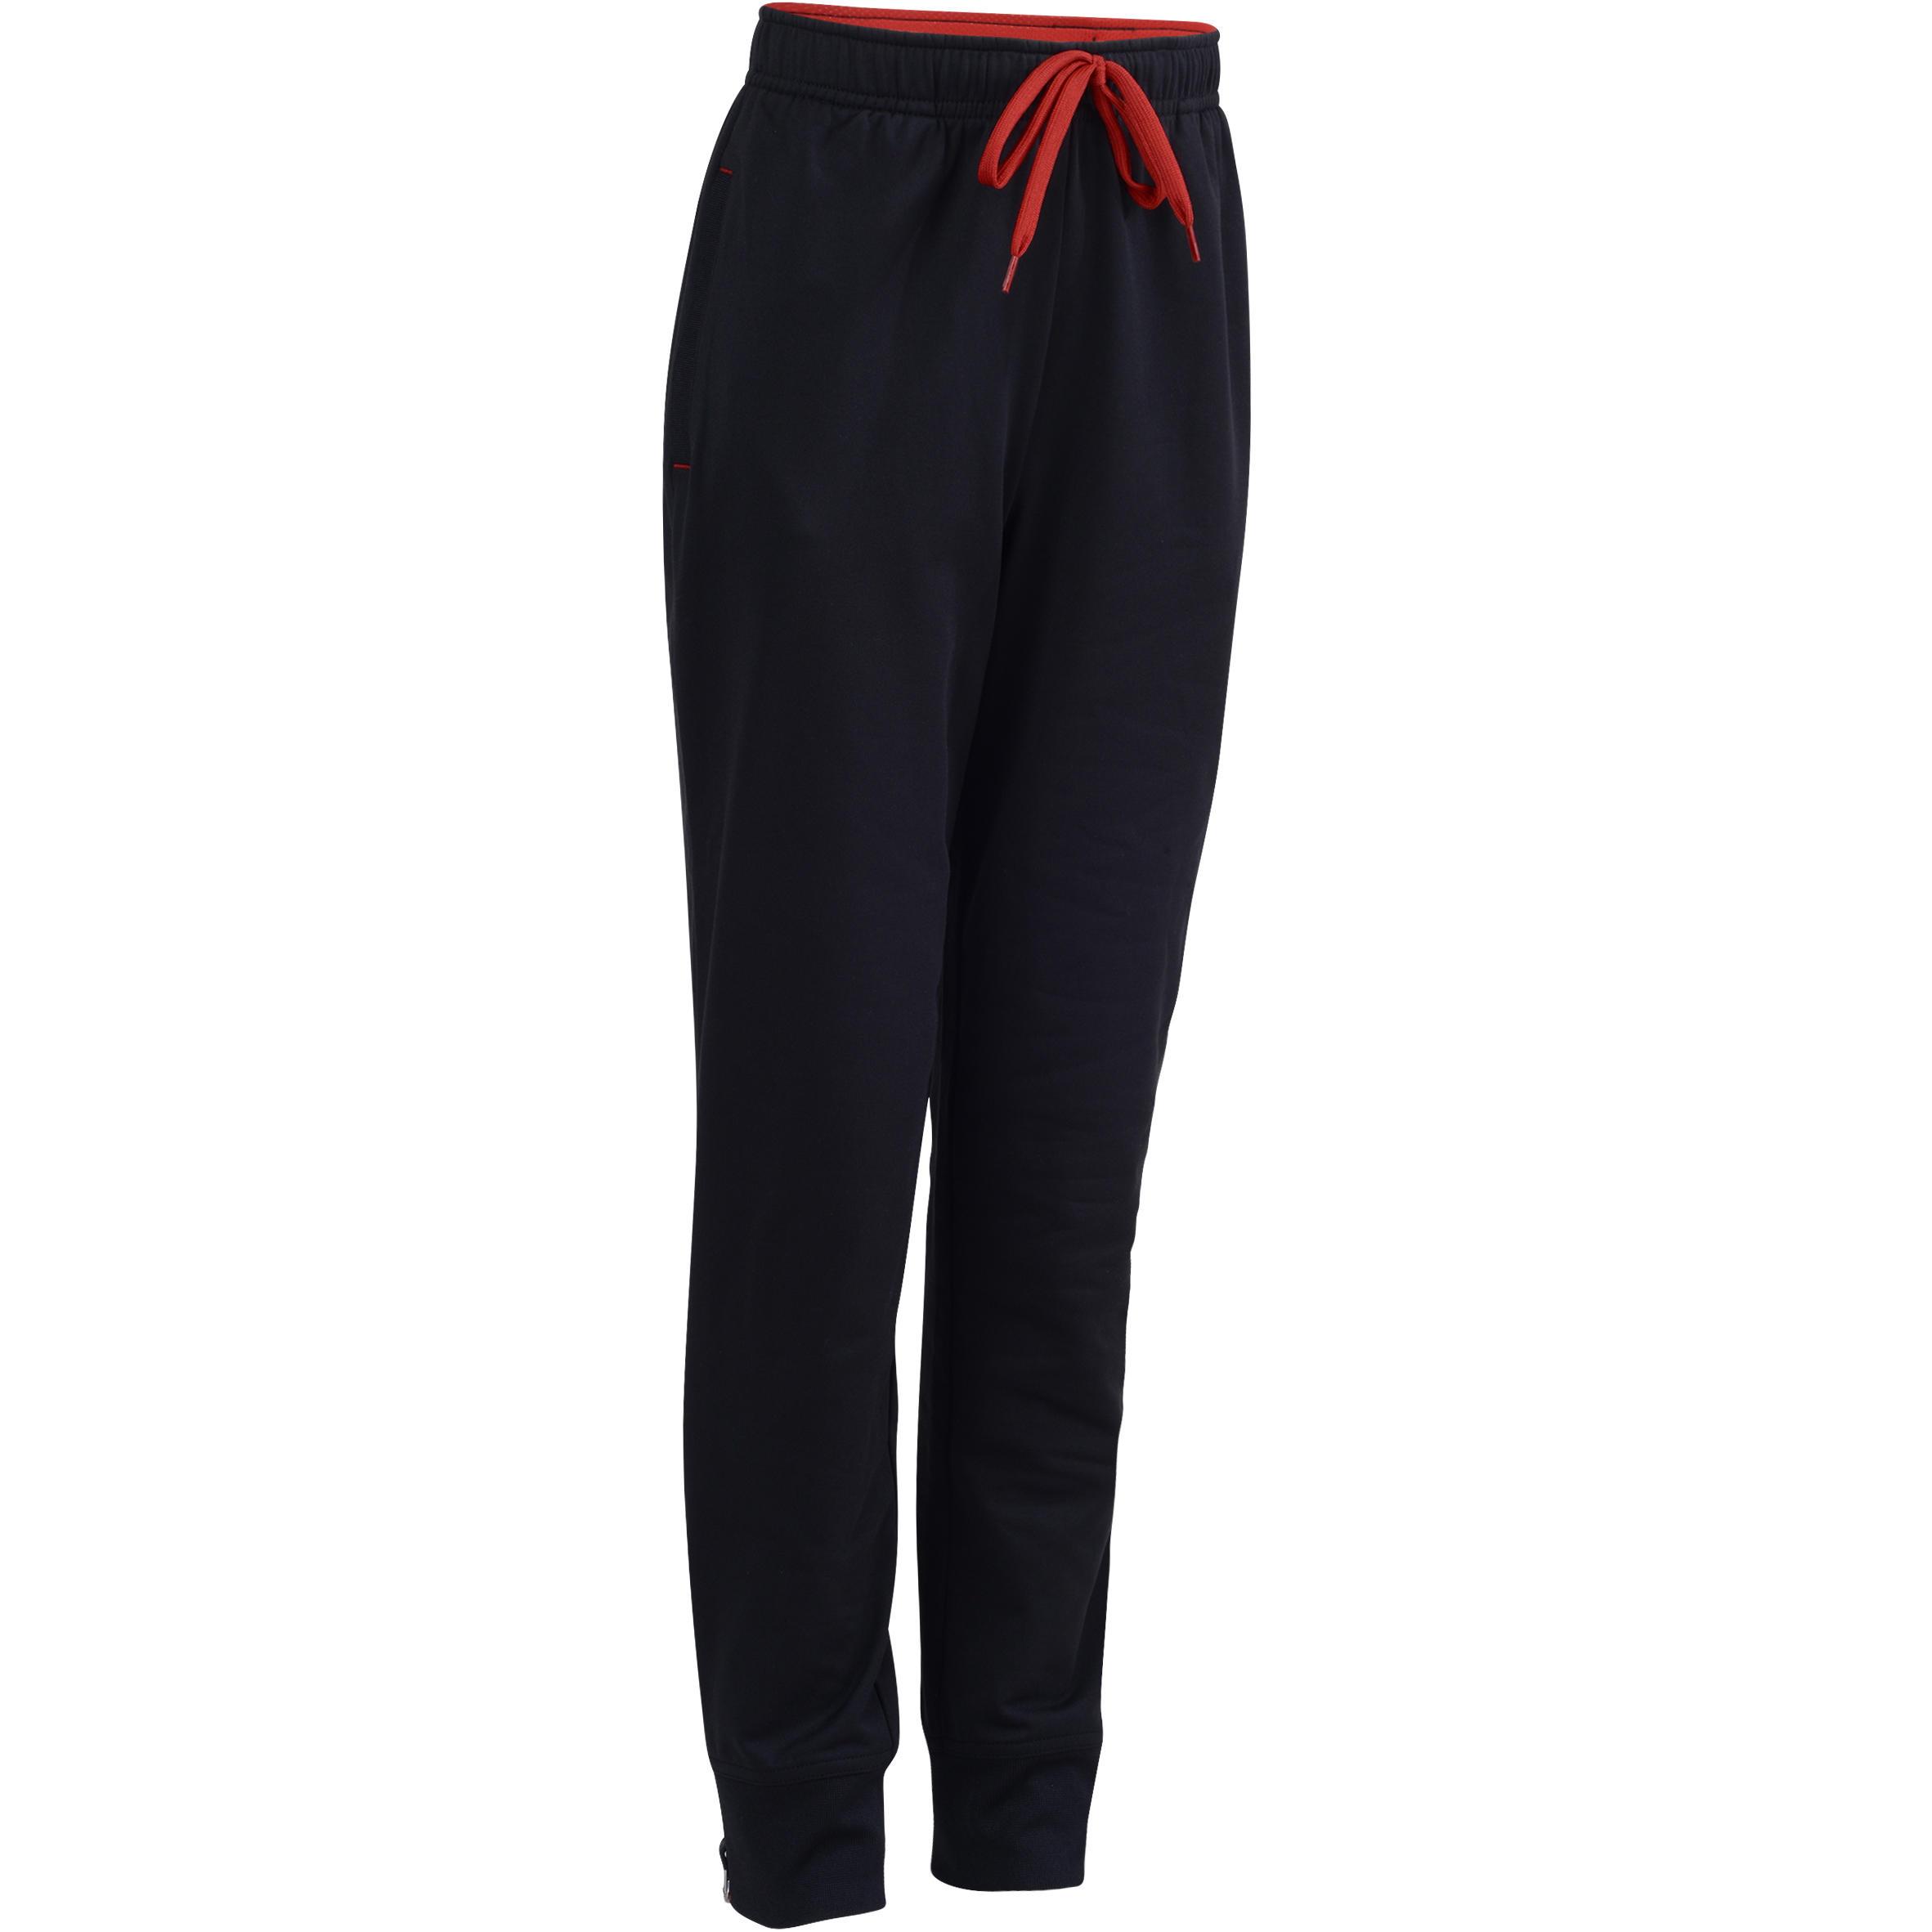 Pantalón 580 cálido slim gimnasia niño negro rojo